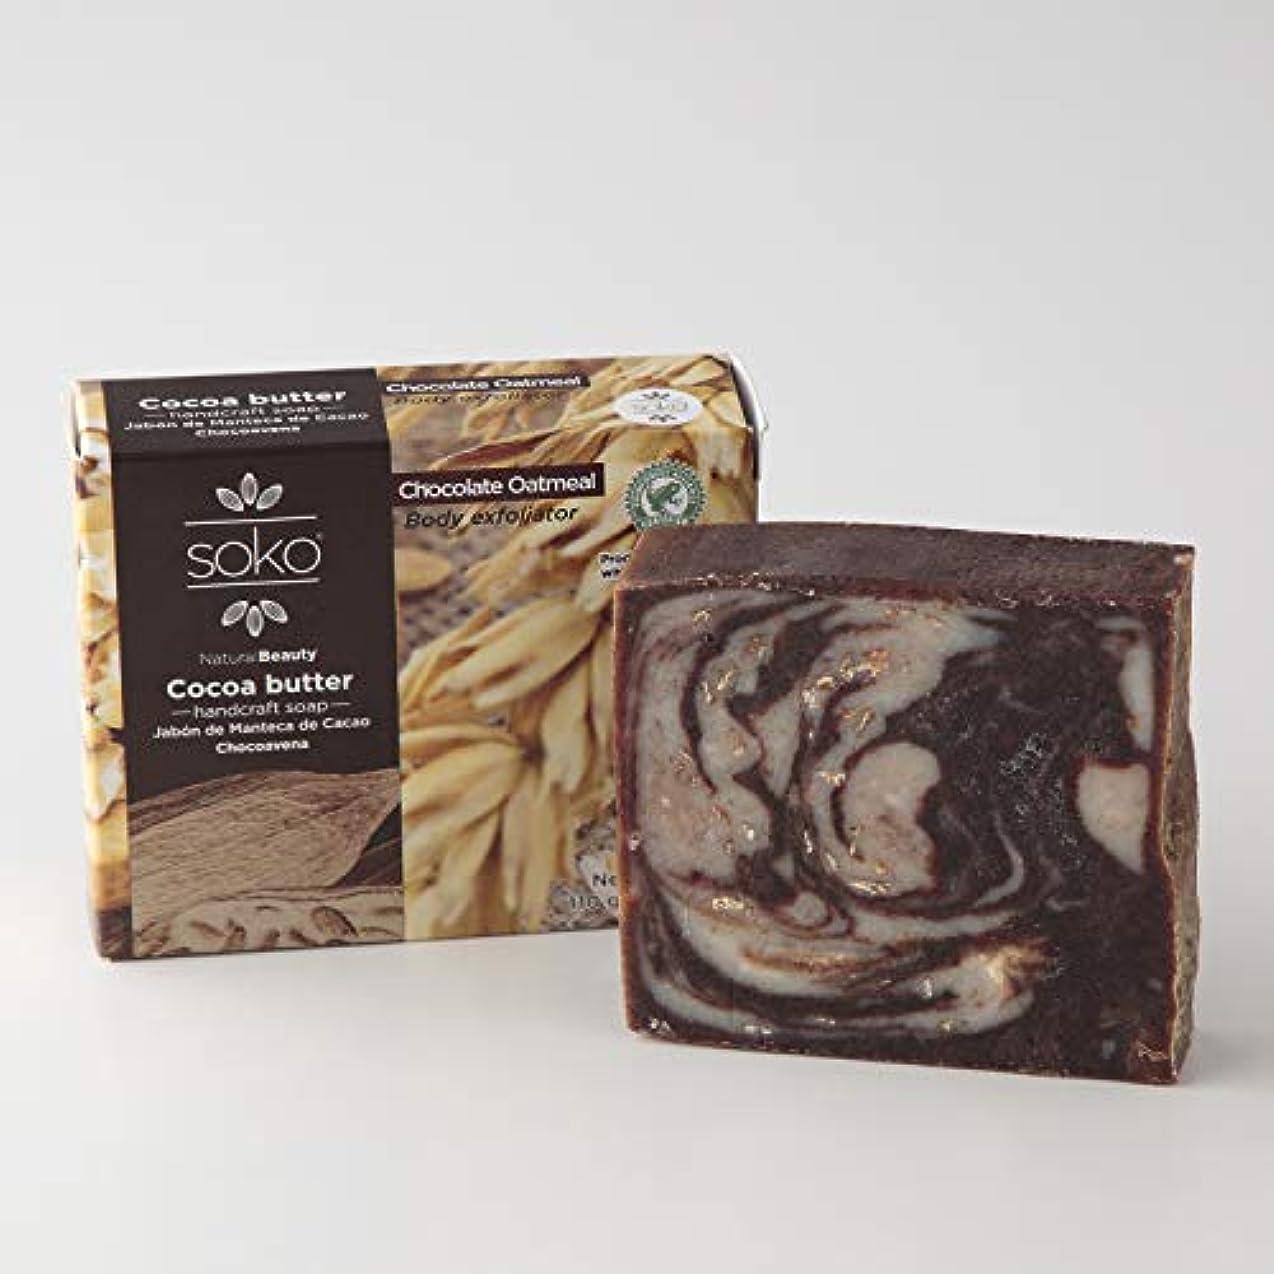 ゆりひねり要求カカオバター ナチュラル石けん 110g チョコレート&オートミール 男性や脂性肌に